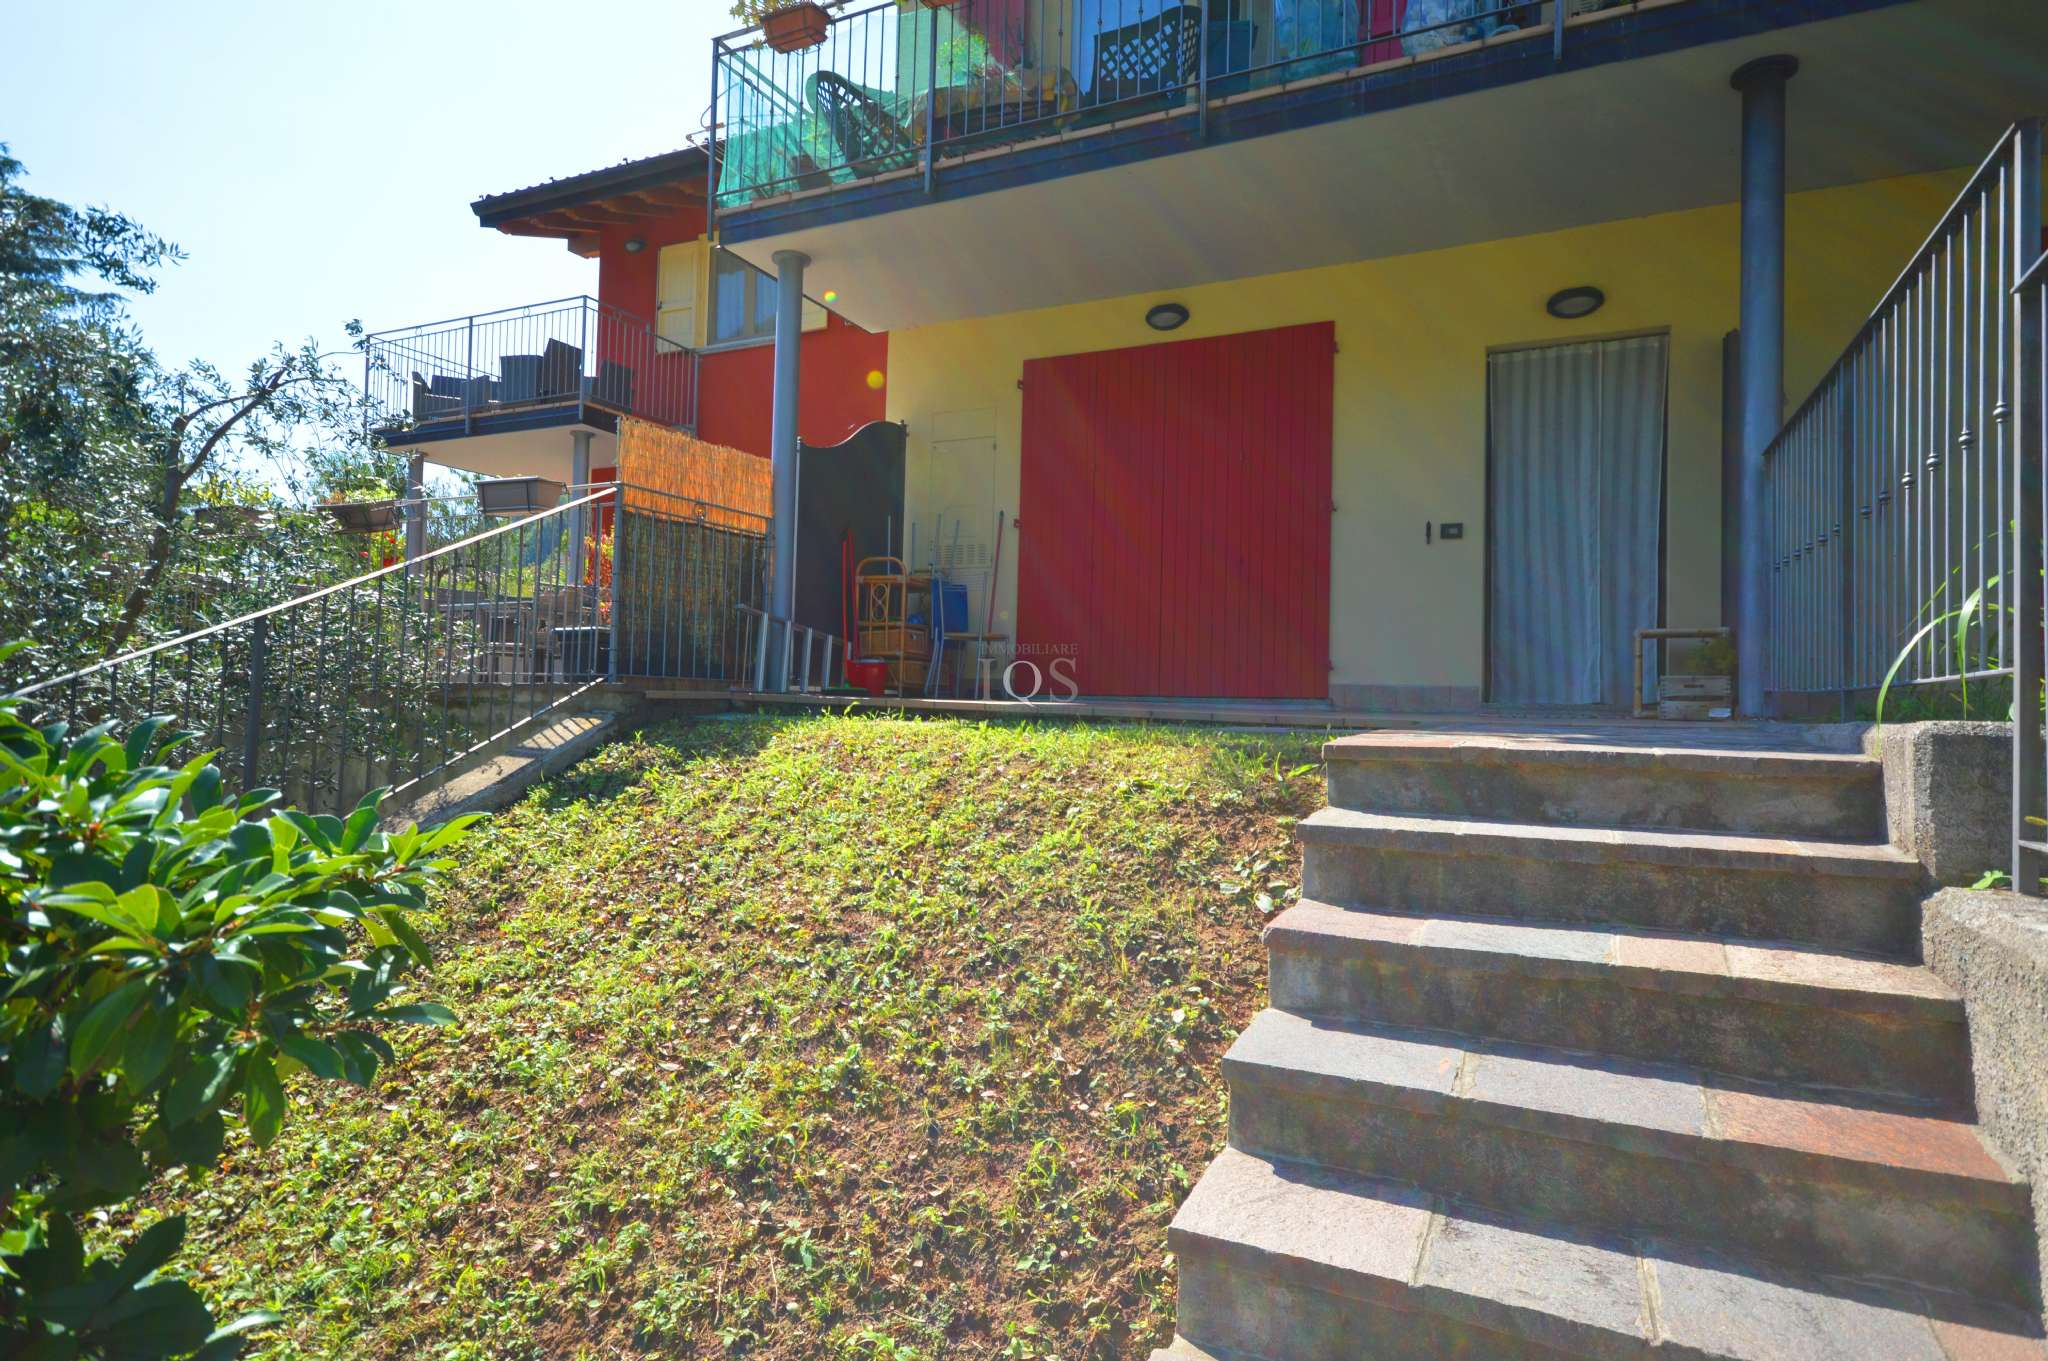 Appartamento in vendita a Adrara San Martino, 1 locali, prezzo € 36.000 | PortaleAgenzieImmobiliari.it